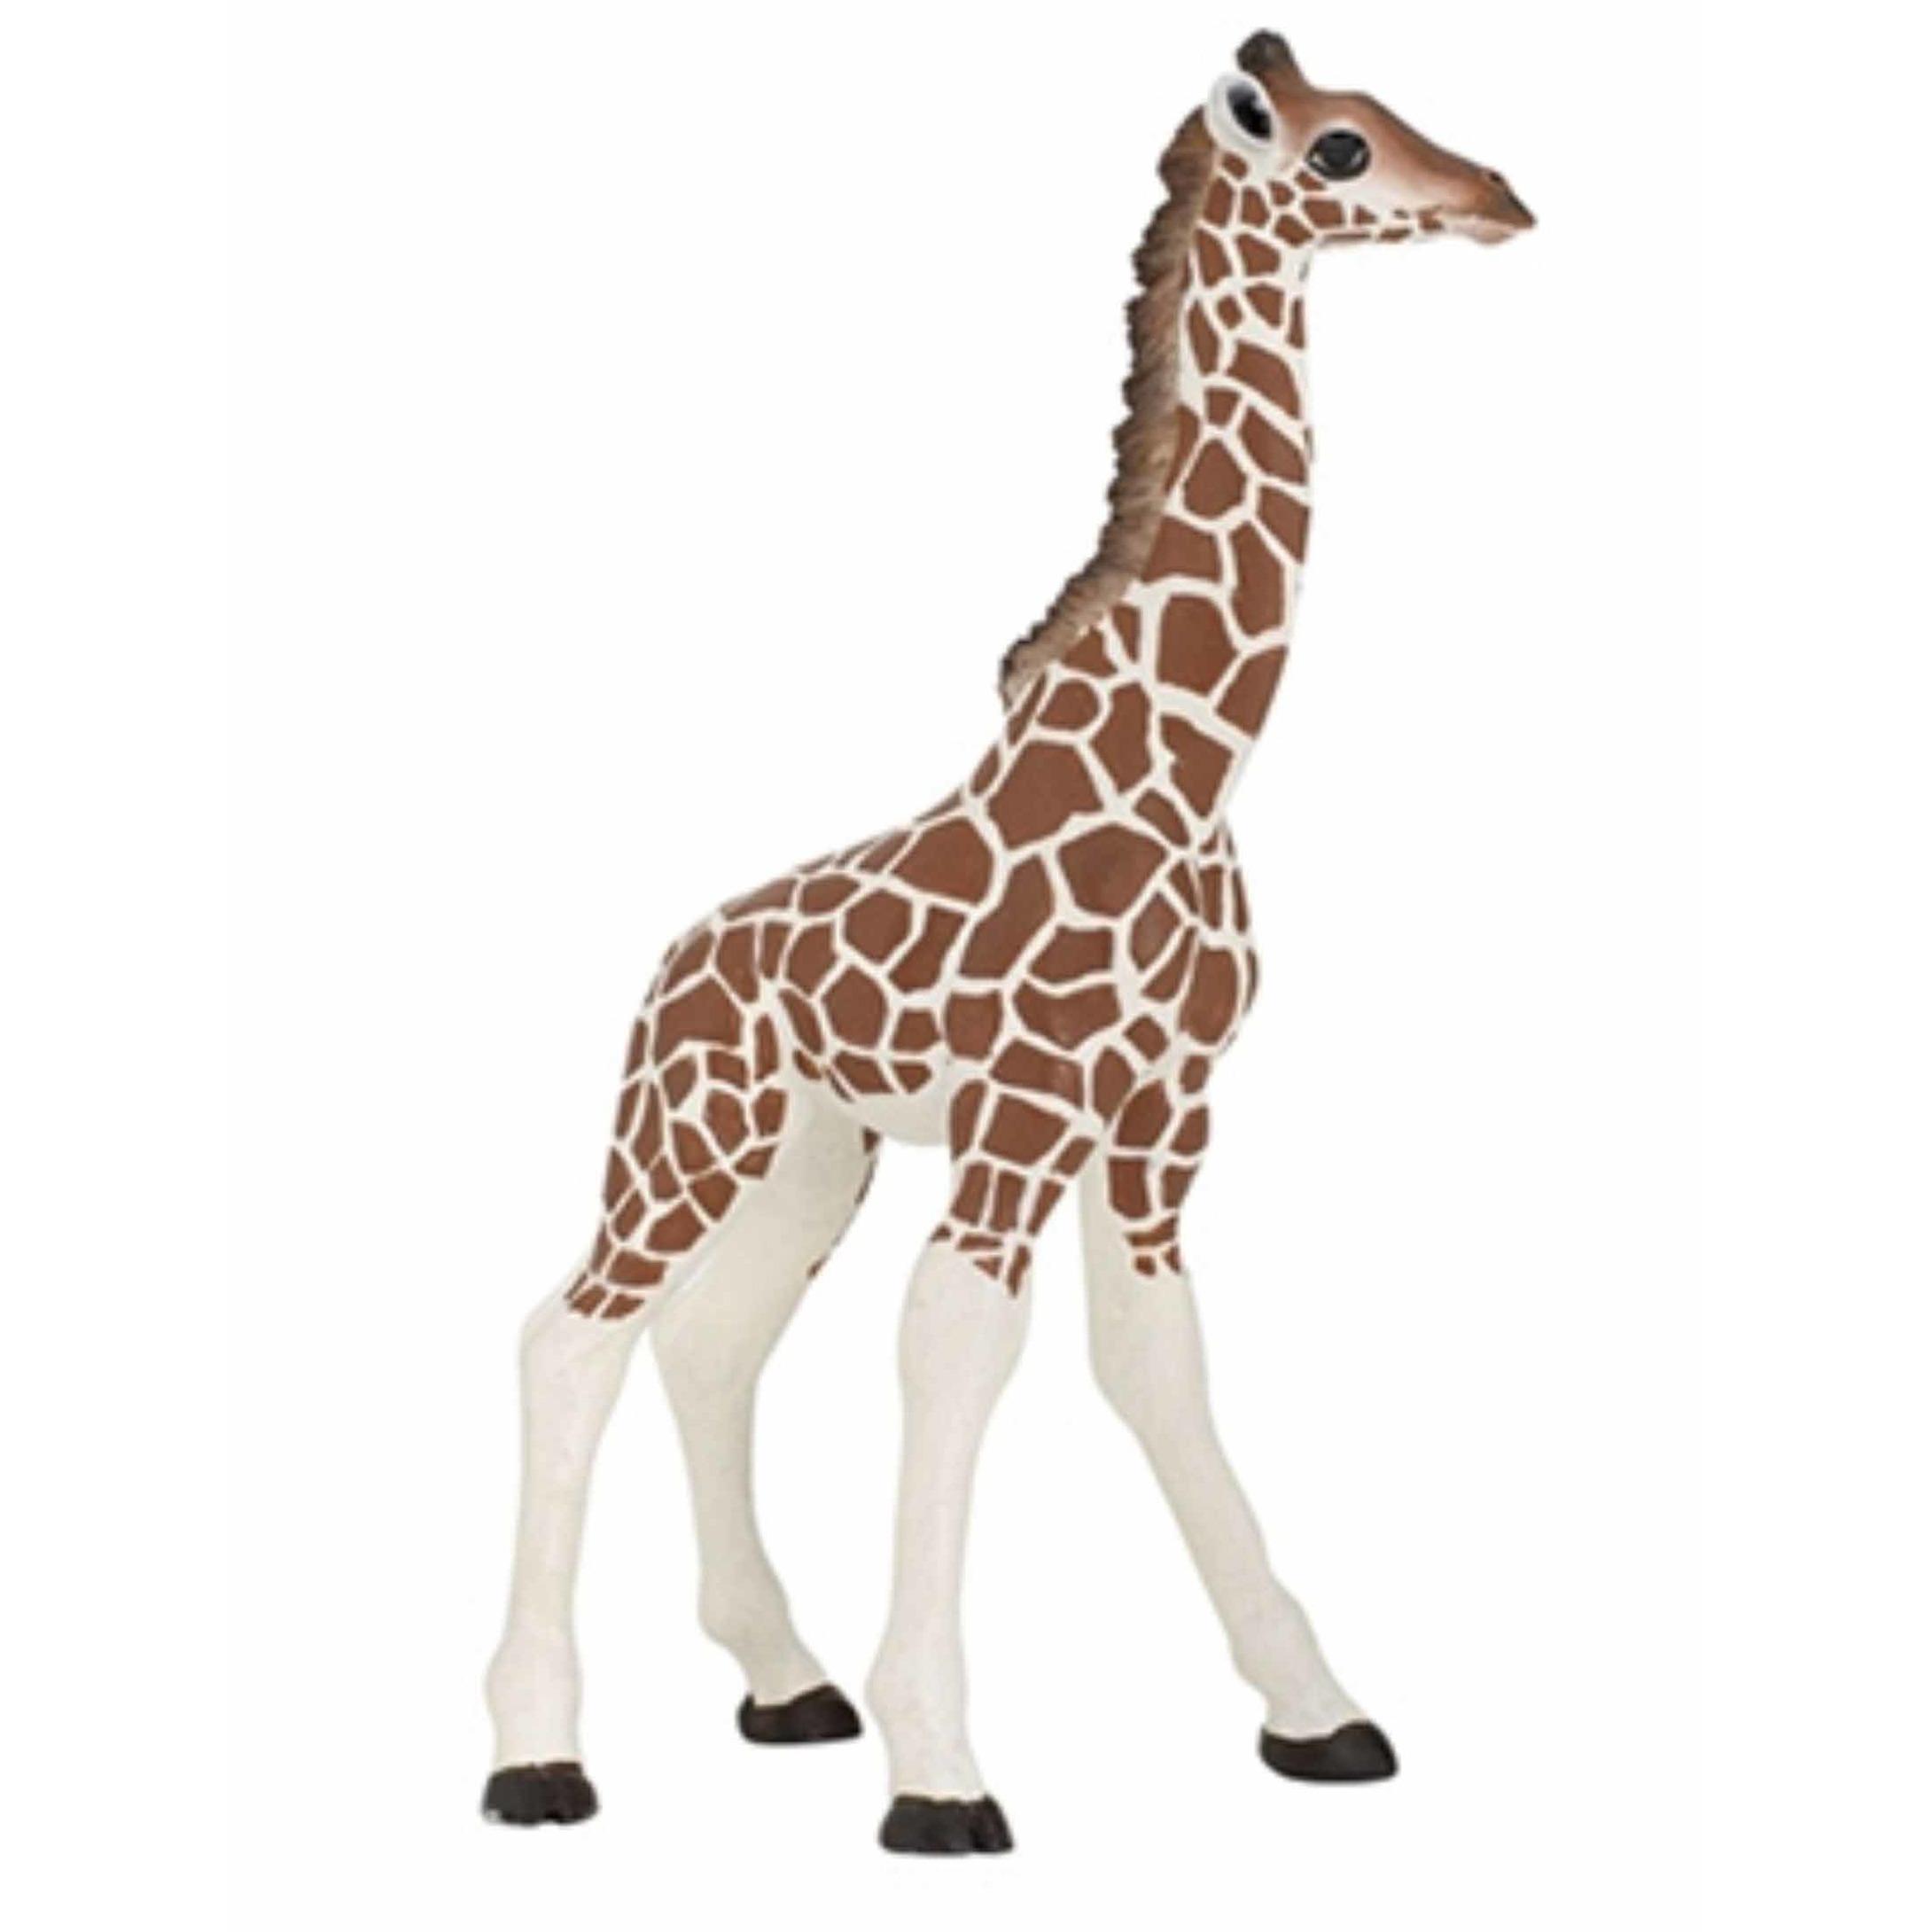 /knuffelkados/plastic-rubber-dieren/plastic-dieren-safari